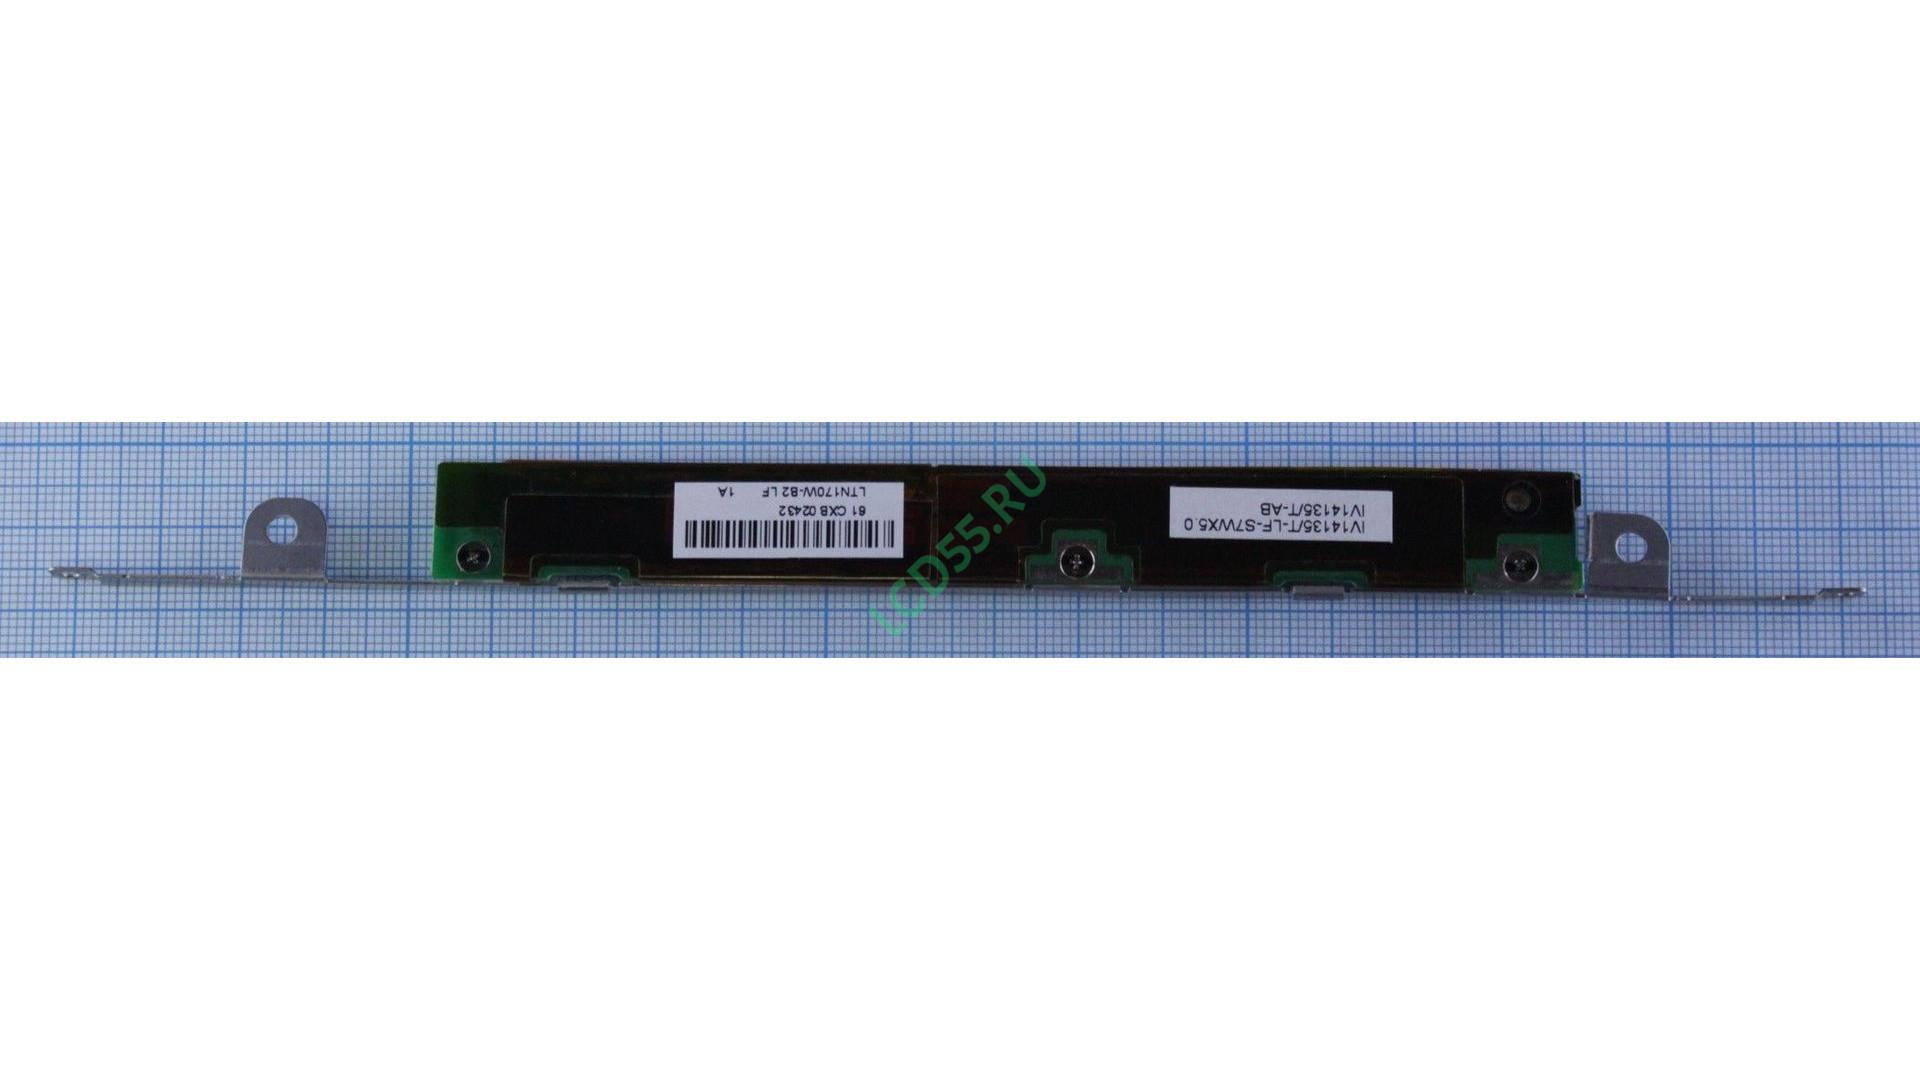 Инвертор Dell Inspiron e1705, 8500, 8600, 9200, 9300, XPS M1710